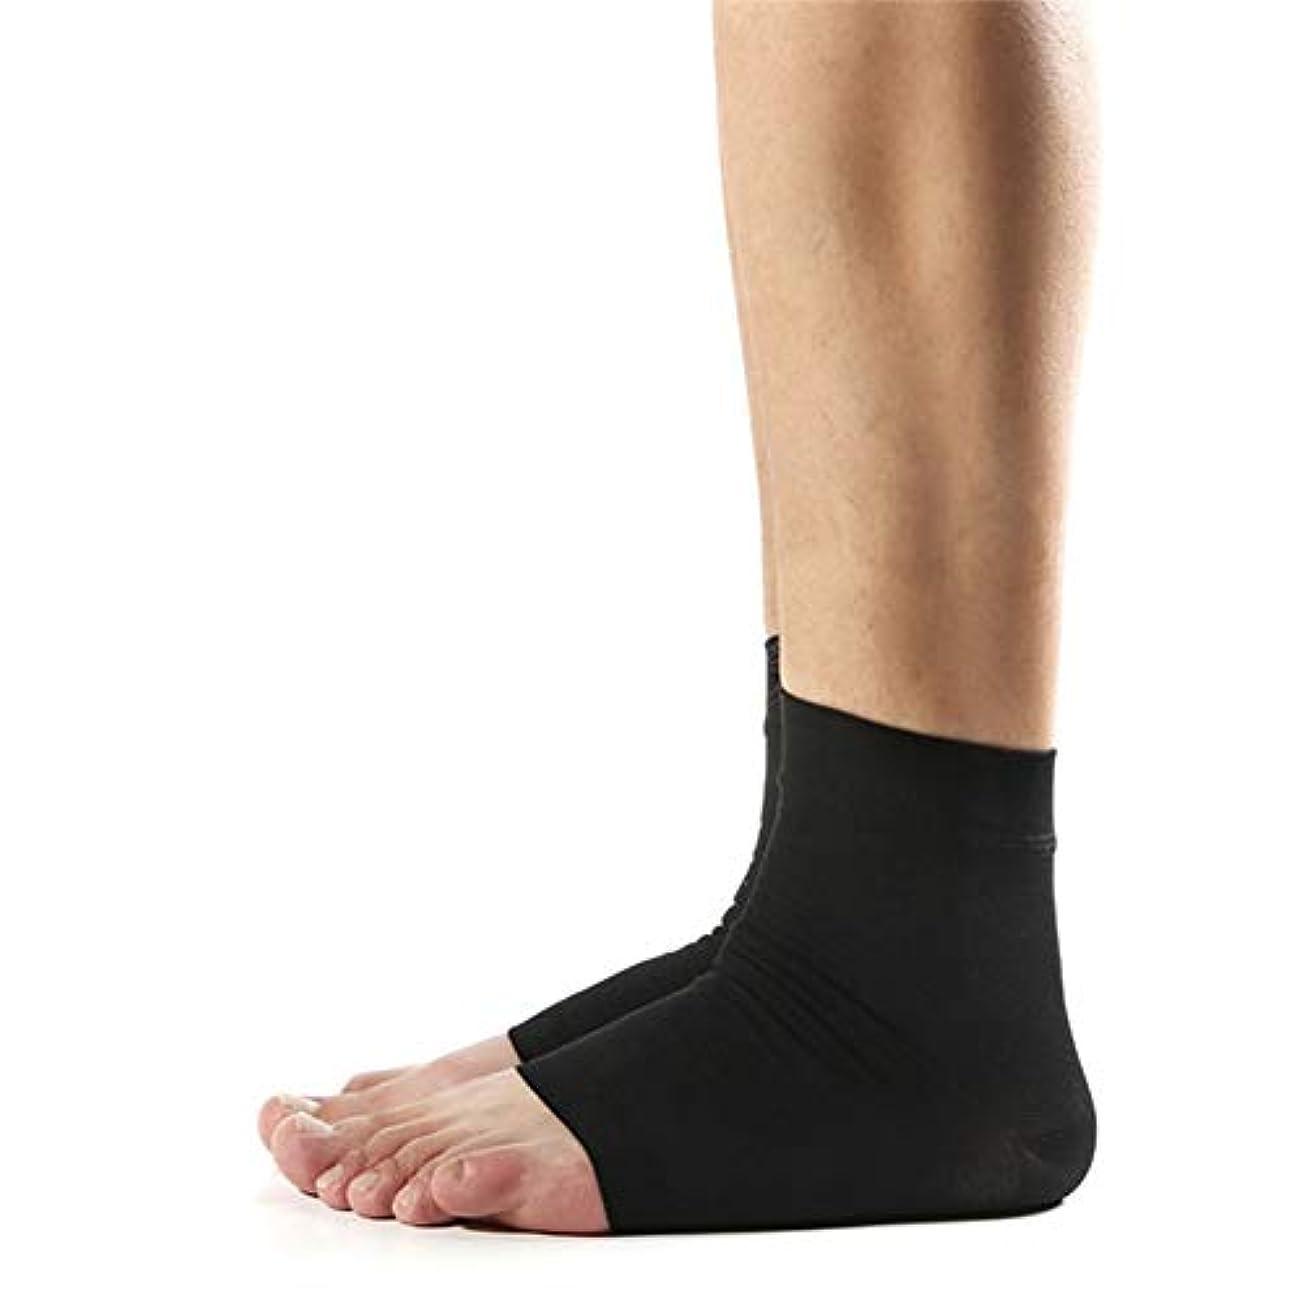 勝つグレード北西かかと保護弾性靴下(1ペア)、ハイヒールを破裂させるためのかかと保護装置、足底筋膜炎の緩和、かかとの拍車,黒,M